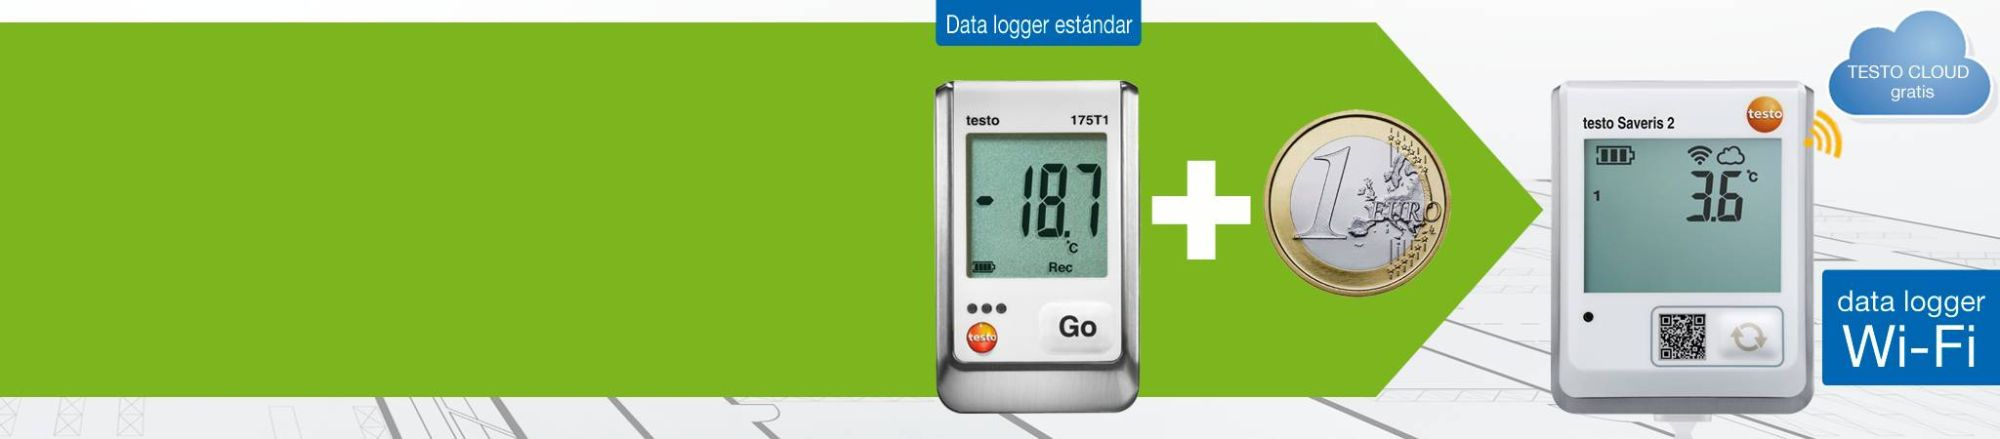 Imag-ES-testo-Saveris2-promo1euro-2048x450.png